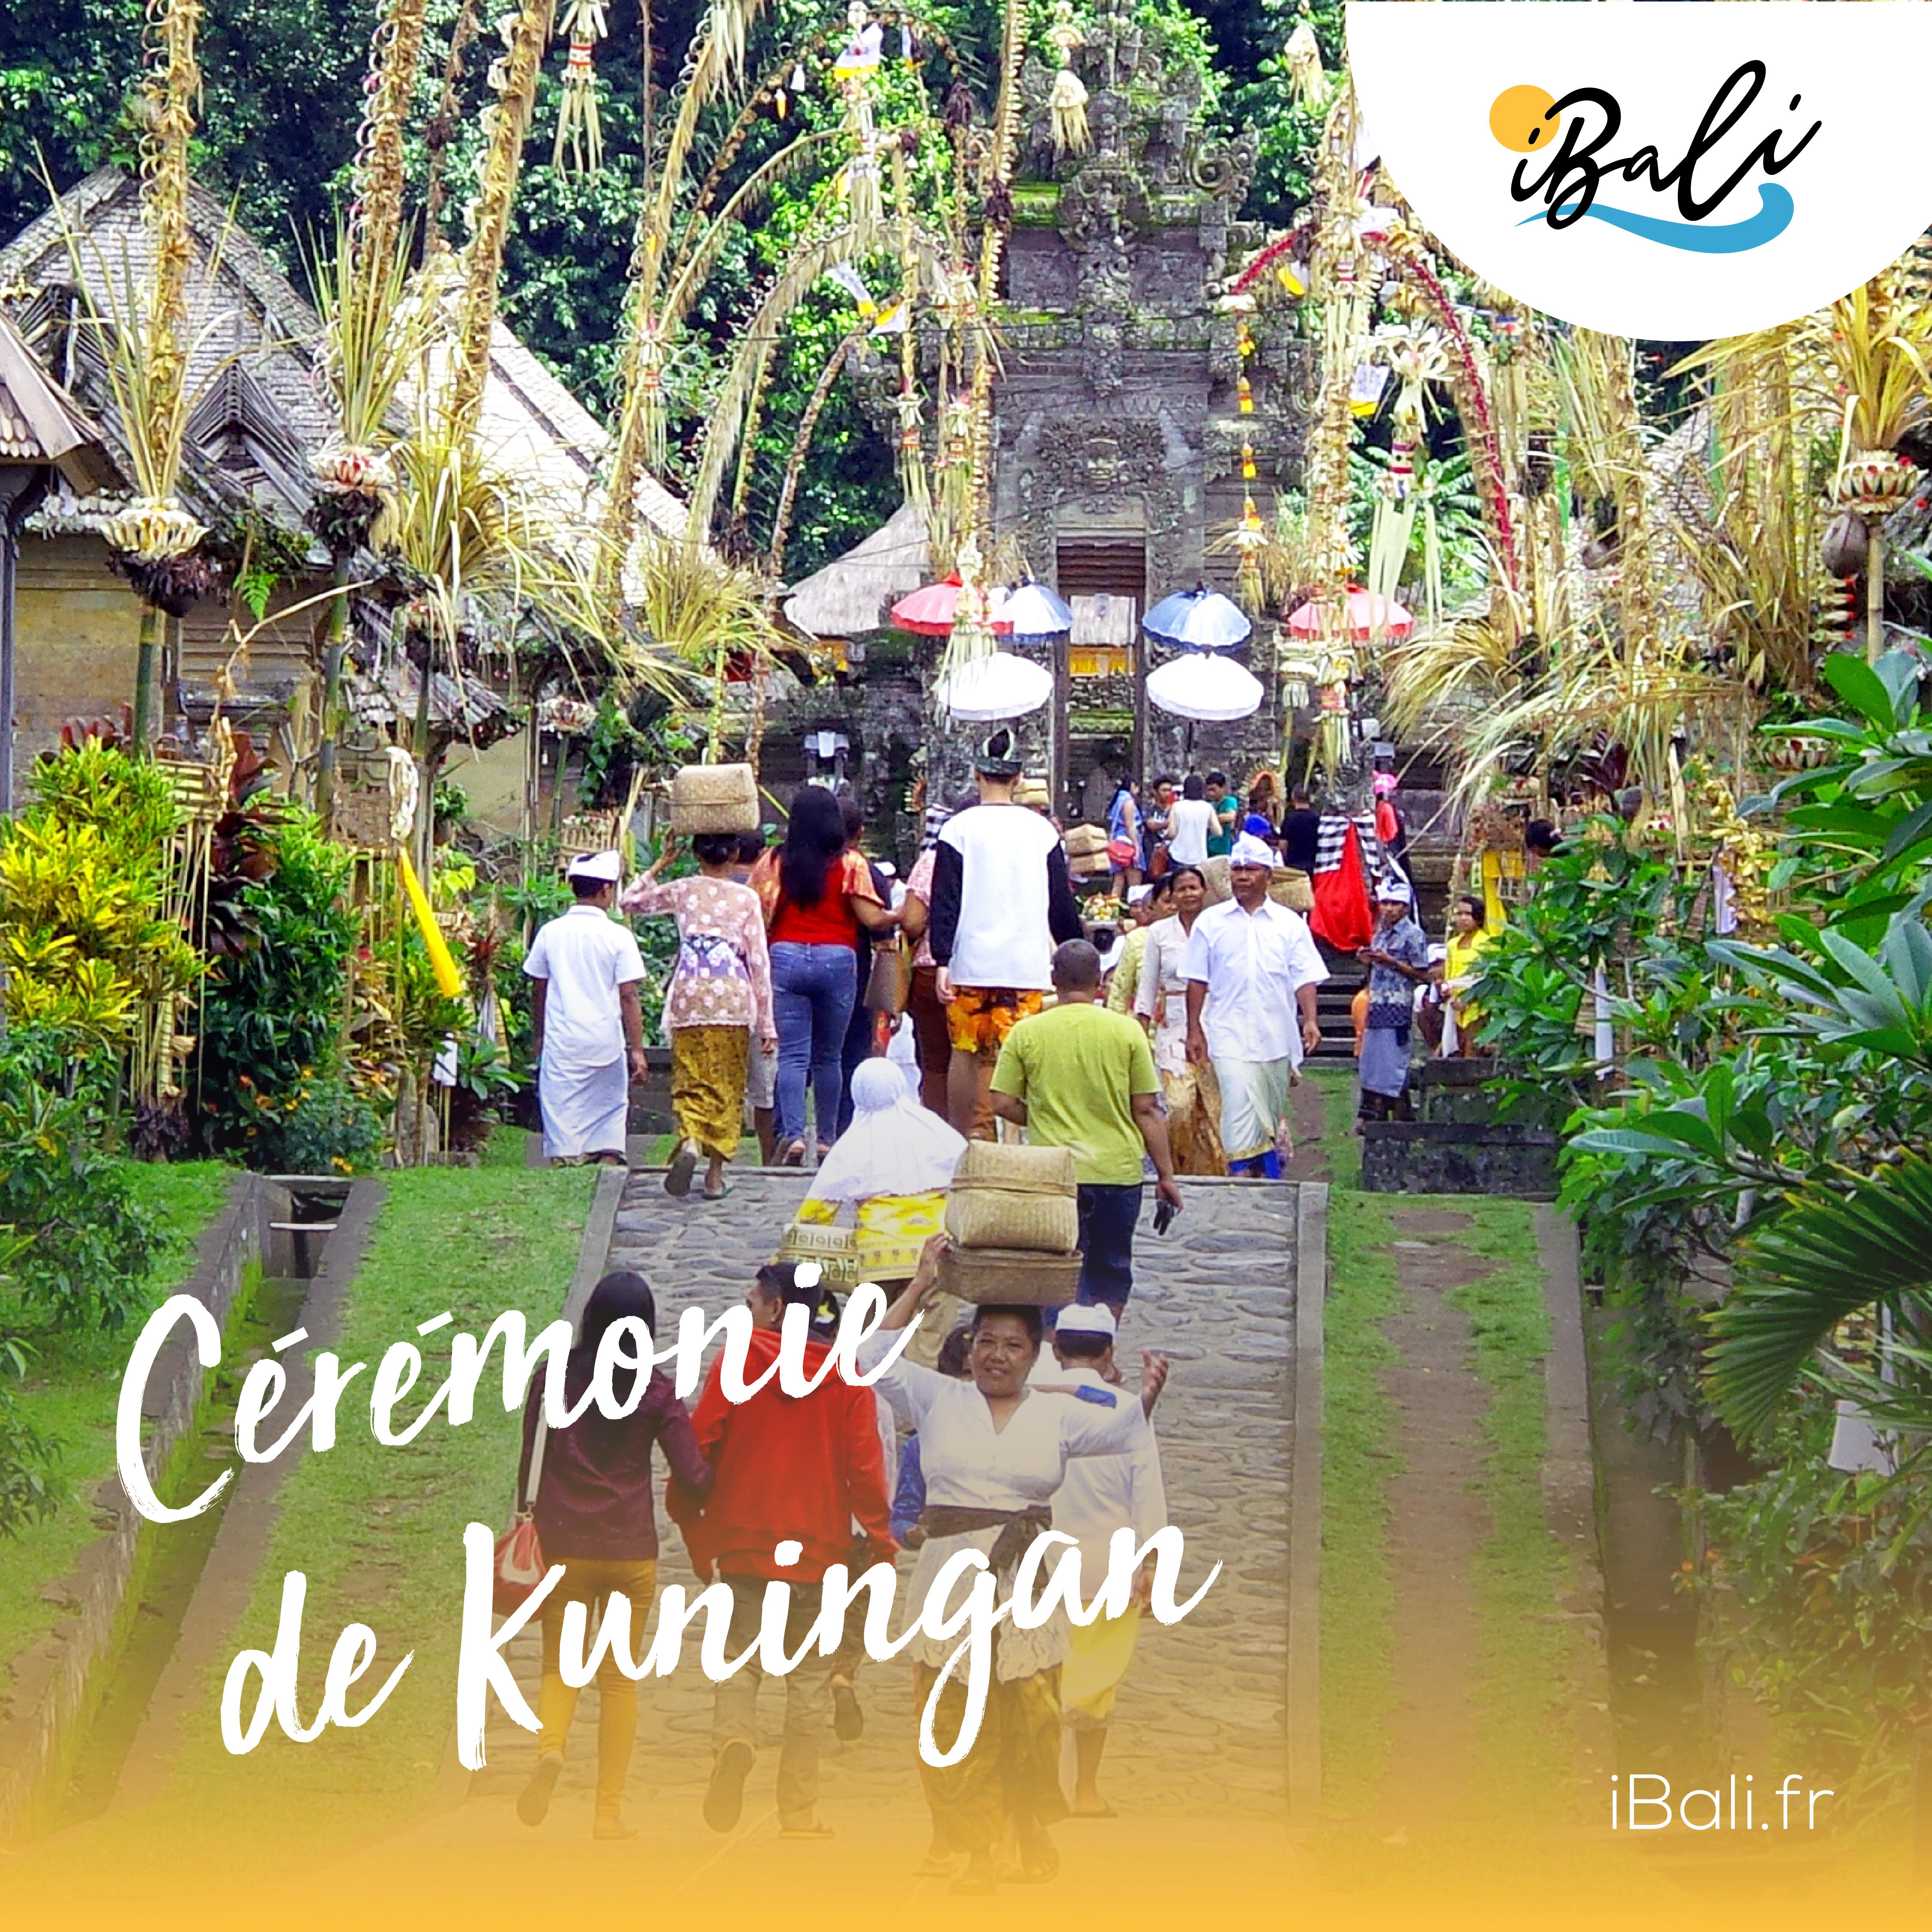 ceremonie de Kuningan, Bali | Voyage Bali Indonésie en Circuit Privé avec Guide Francophone